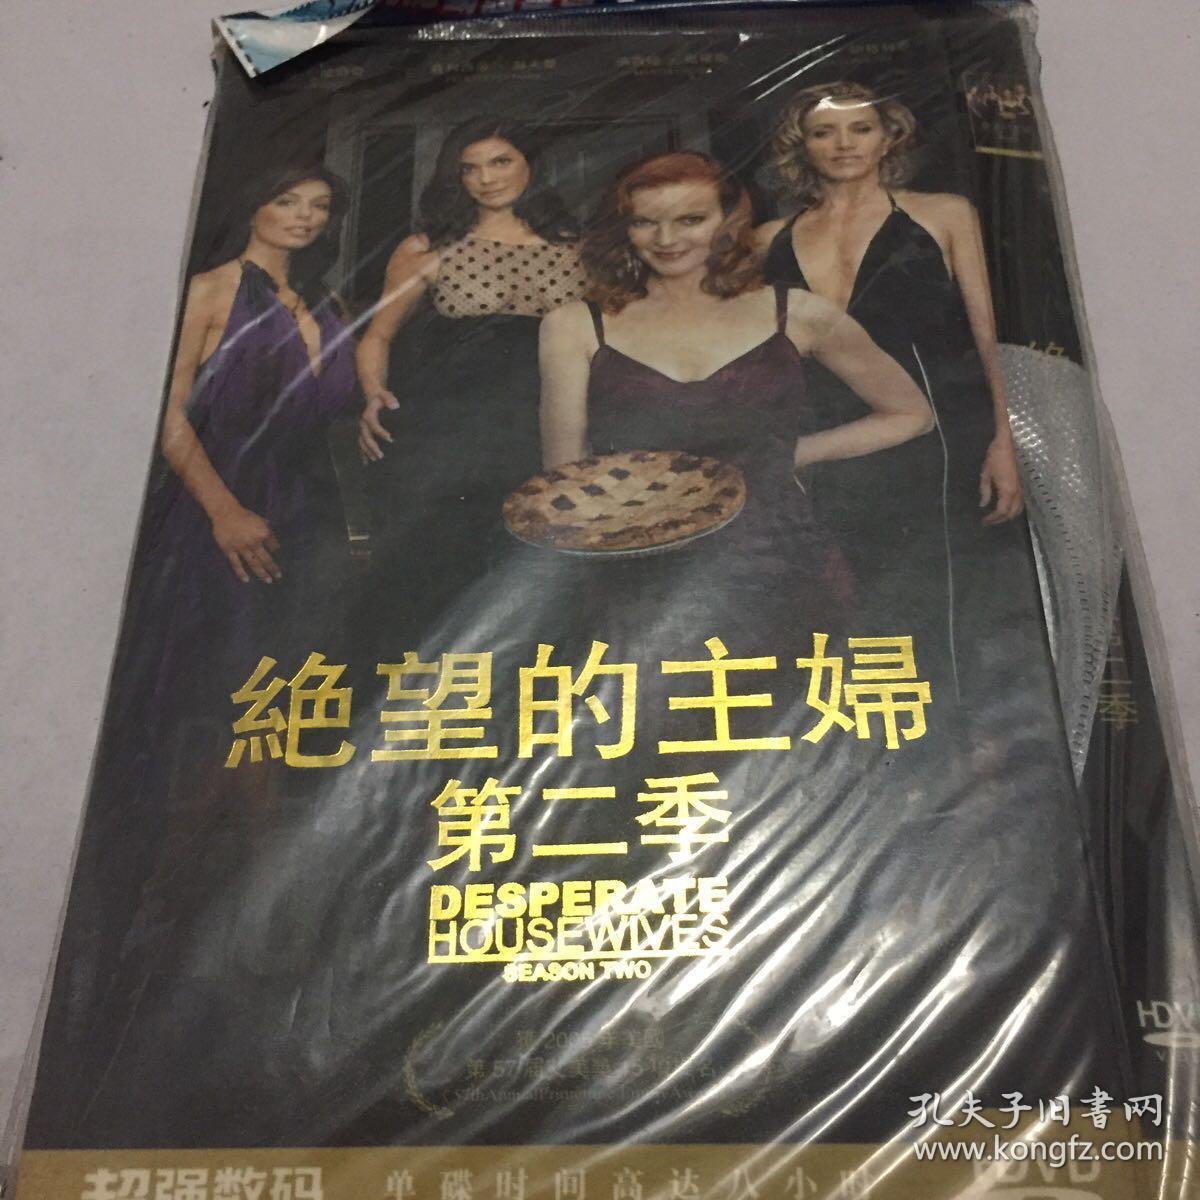 绝望的主妇 第二季 DVD